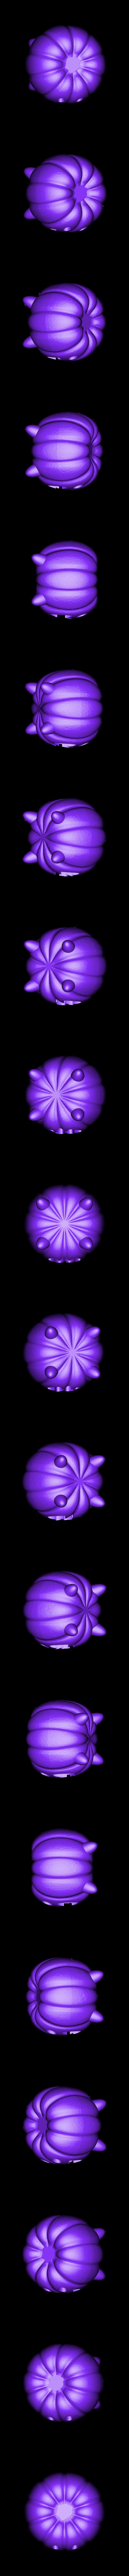 SU_Pumpkin.stl Télécharger fichier STL gratuit Steven Universe Citrouille • Modèle imprimable en 3D, sh0rt_stak